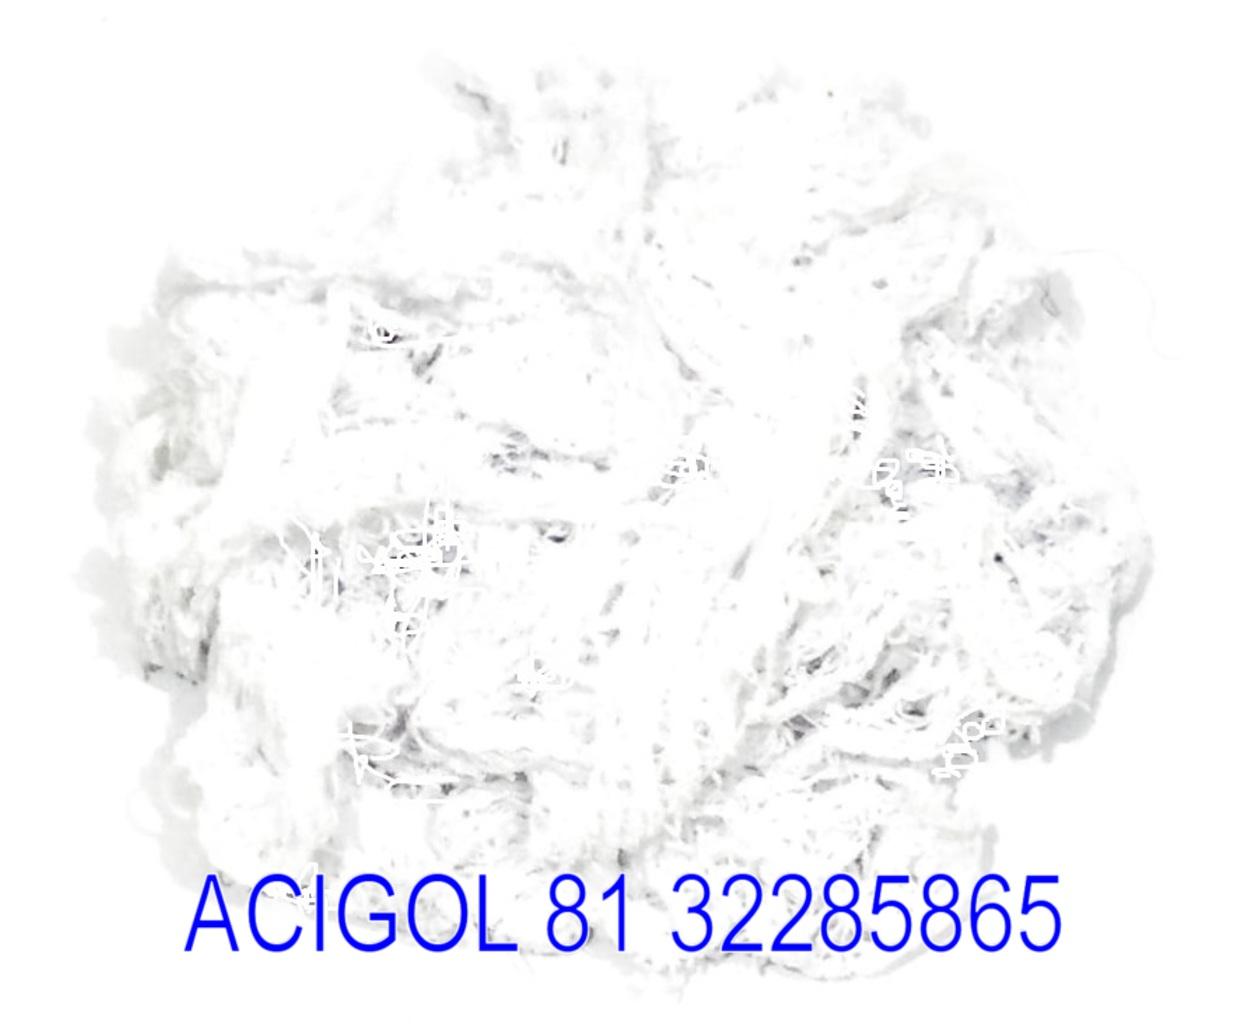 ESTOPAC DE MALHA BRANCA PARA POLIMENTO FARDO COM 10 KG - ACIGOL 81 32285865